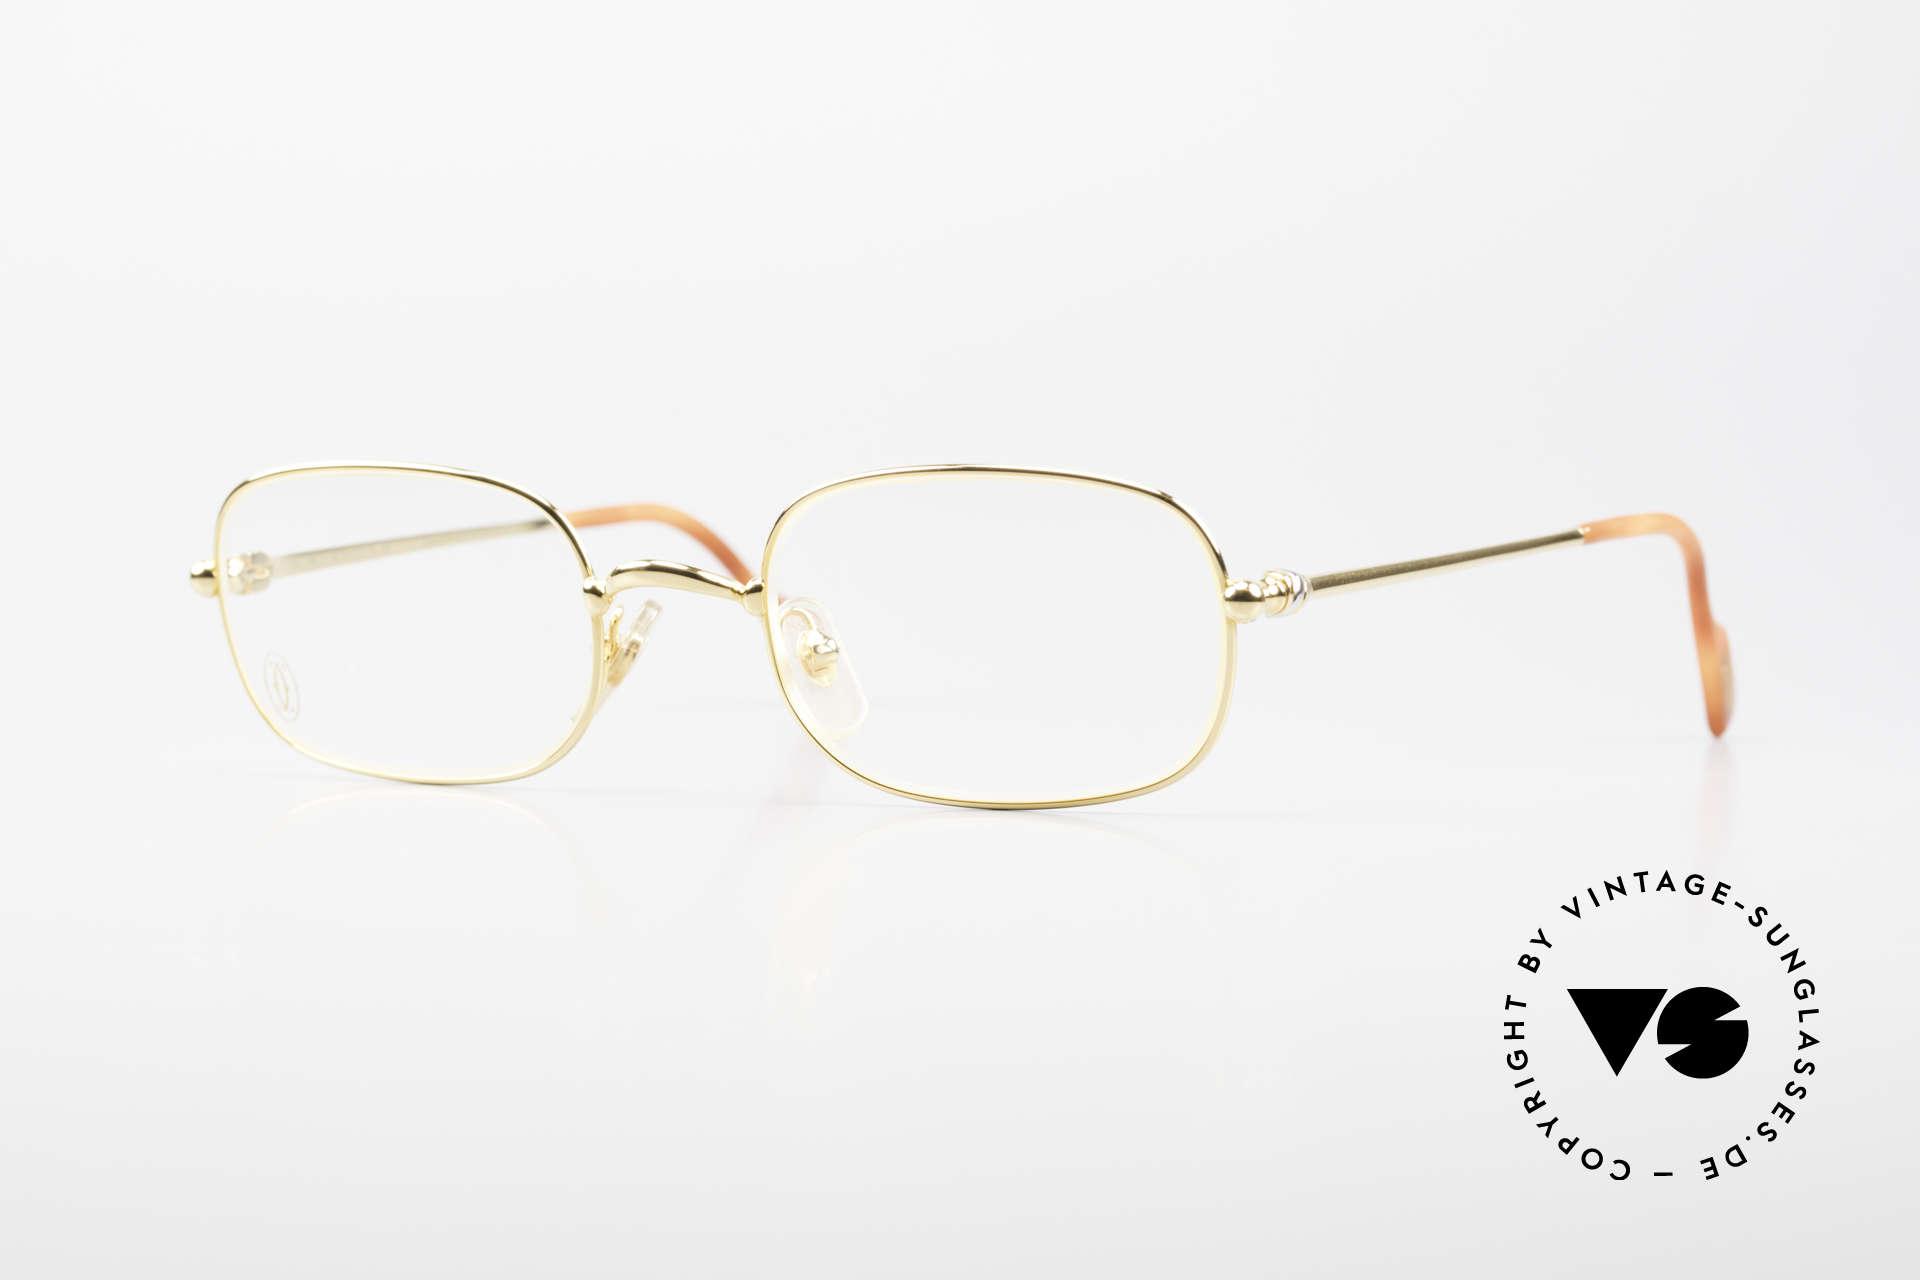 Cartier Deimios Rare Luxus Brillenfassung 90er, feine vintage Cartier Luxus-Brille der späten 1990er, Passend für Herren und Damen